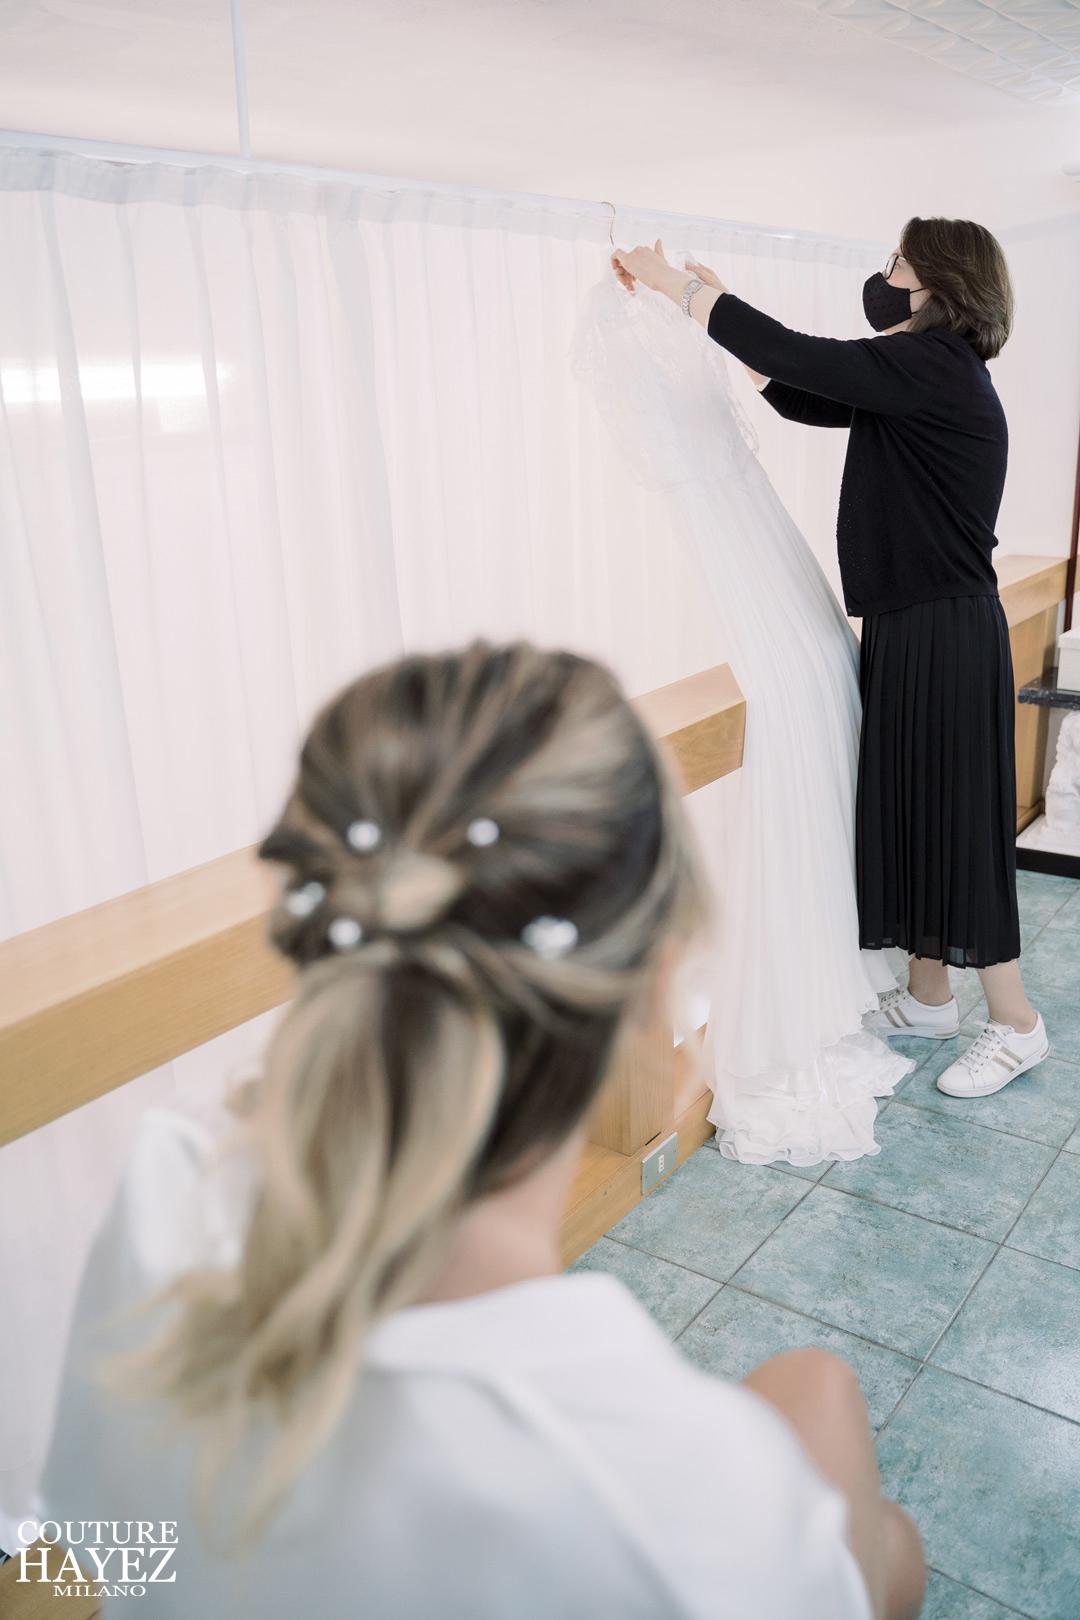 piccolo atelier abiti da sposa su misura milano